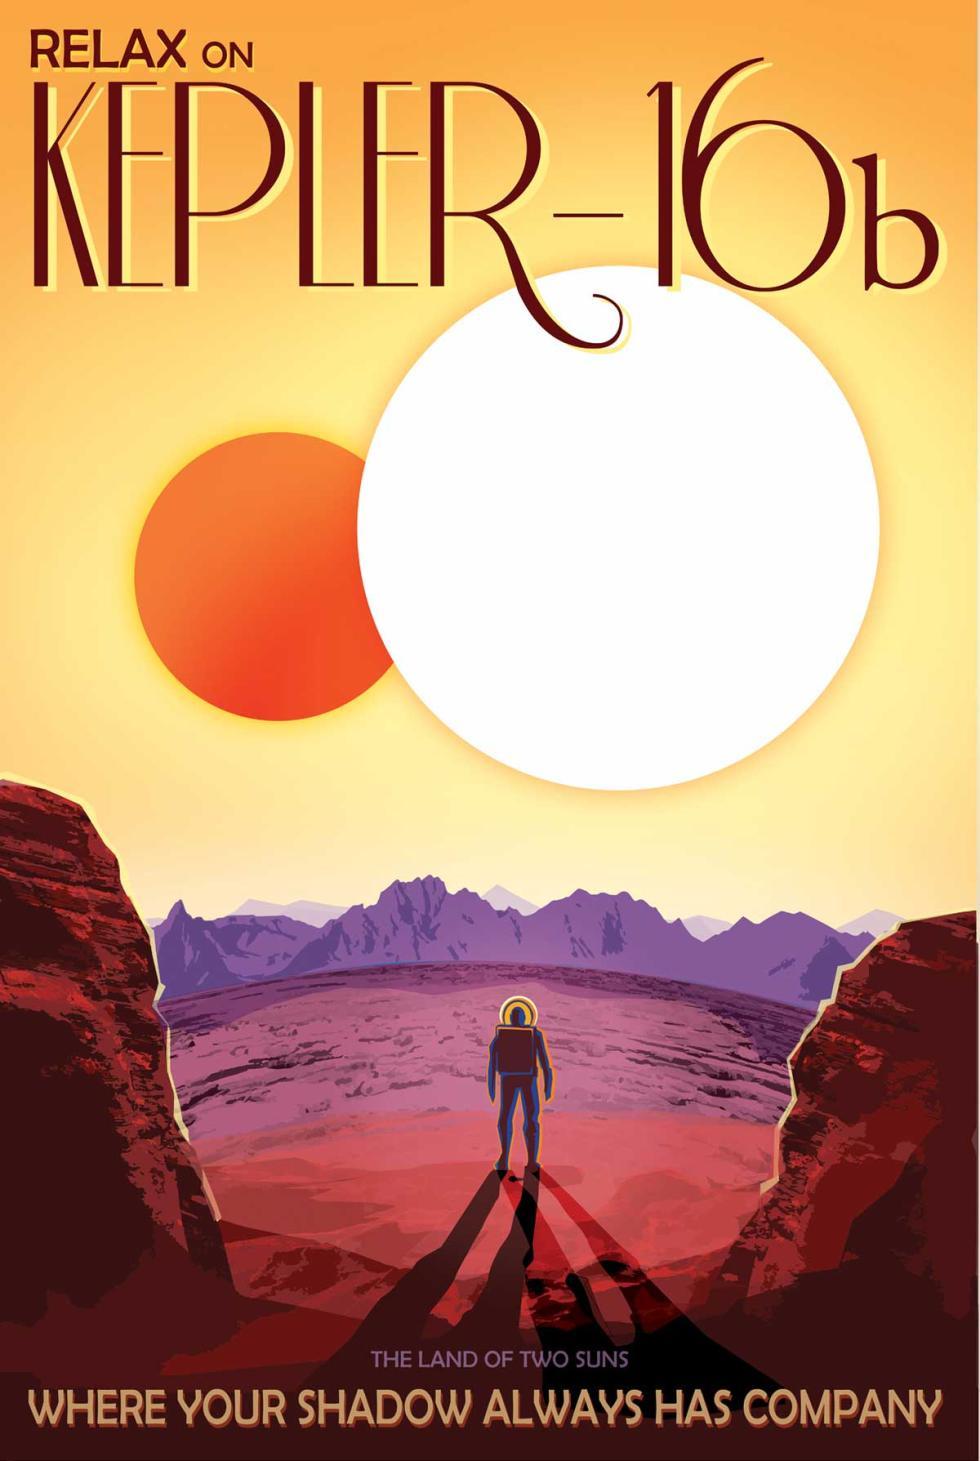 NASA Kepler-16b